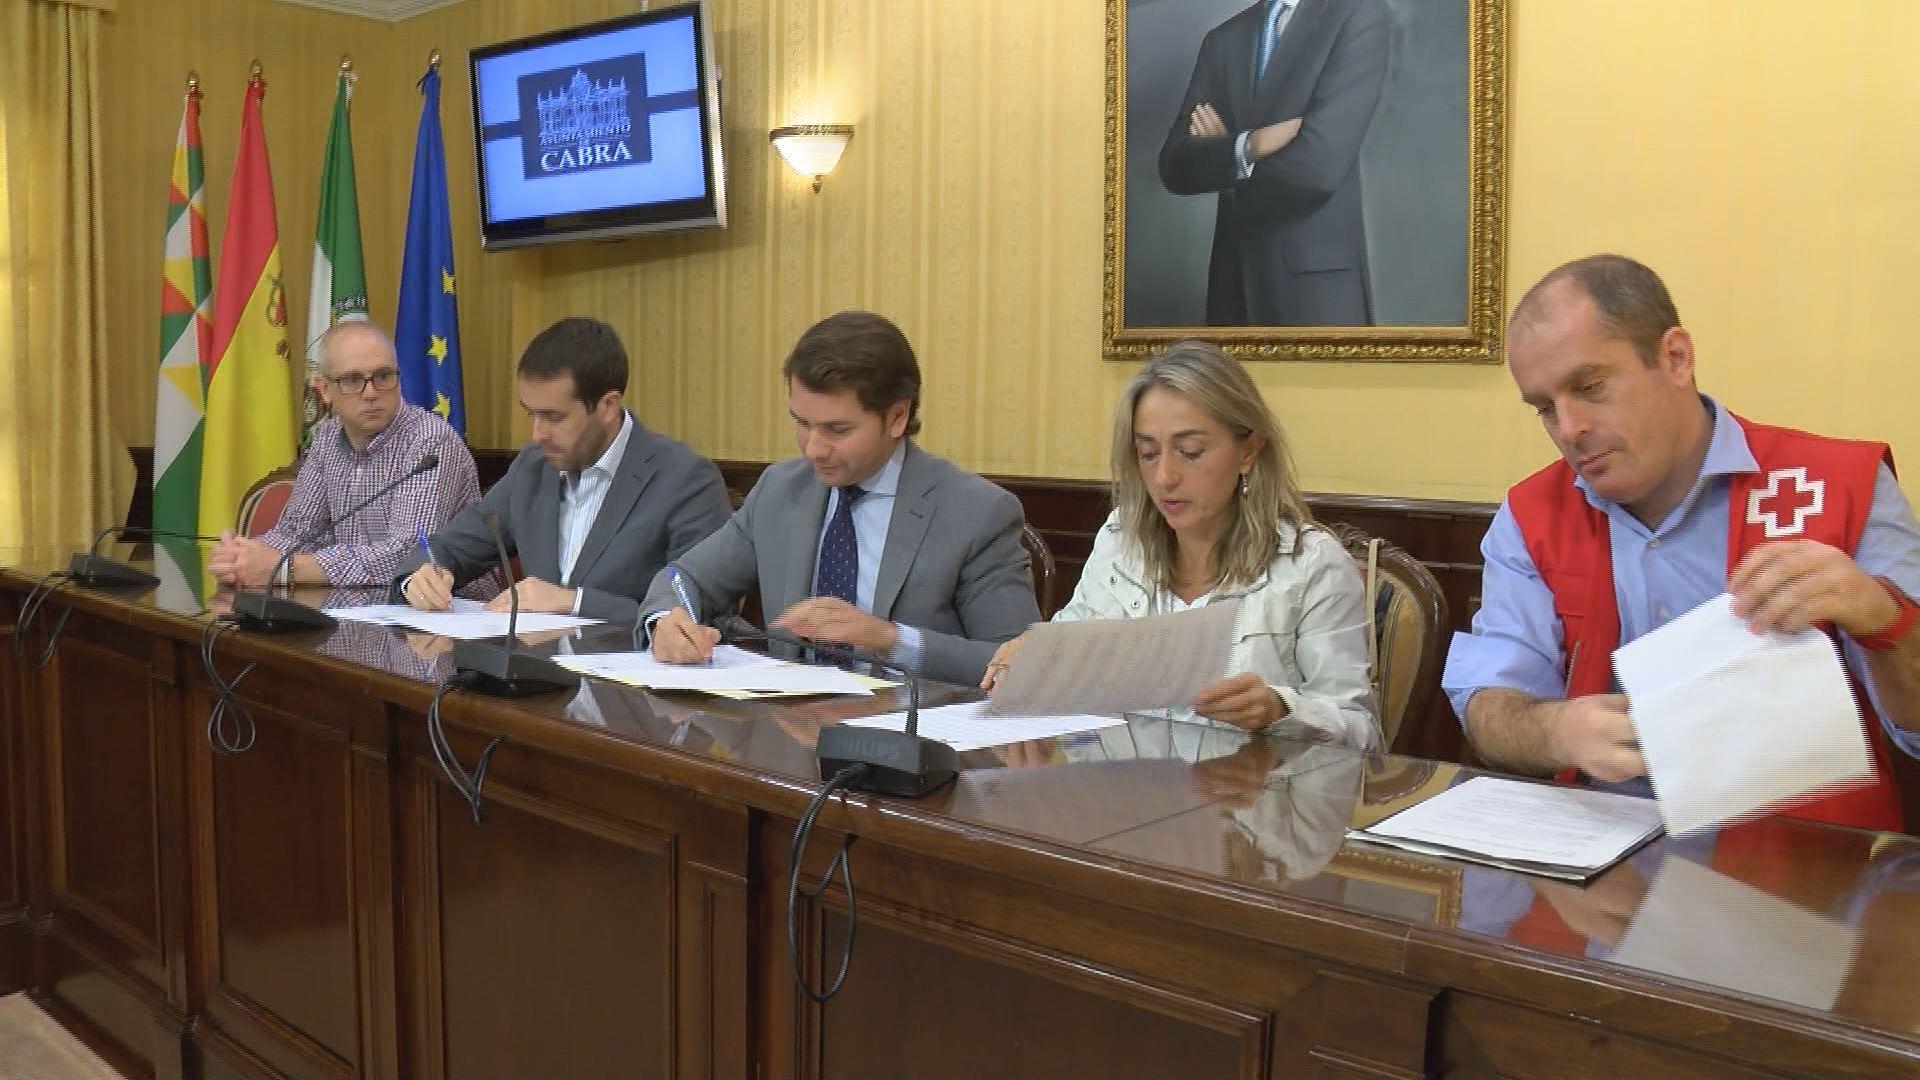 El Ayuntamiento de Cabra firma un convenio de colaboración con Cruz Roja en Córdoba